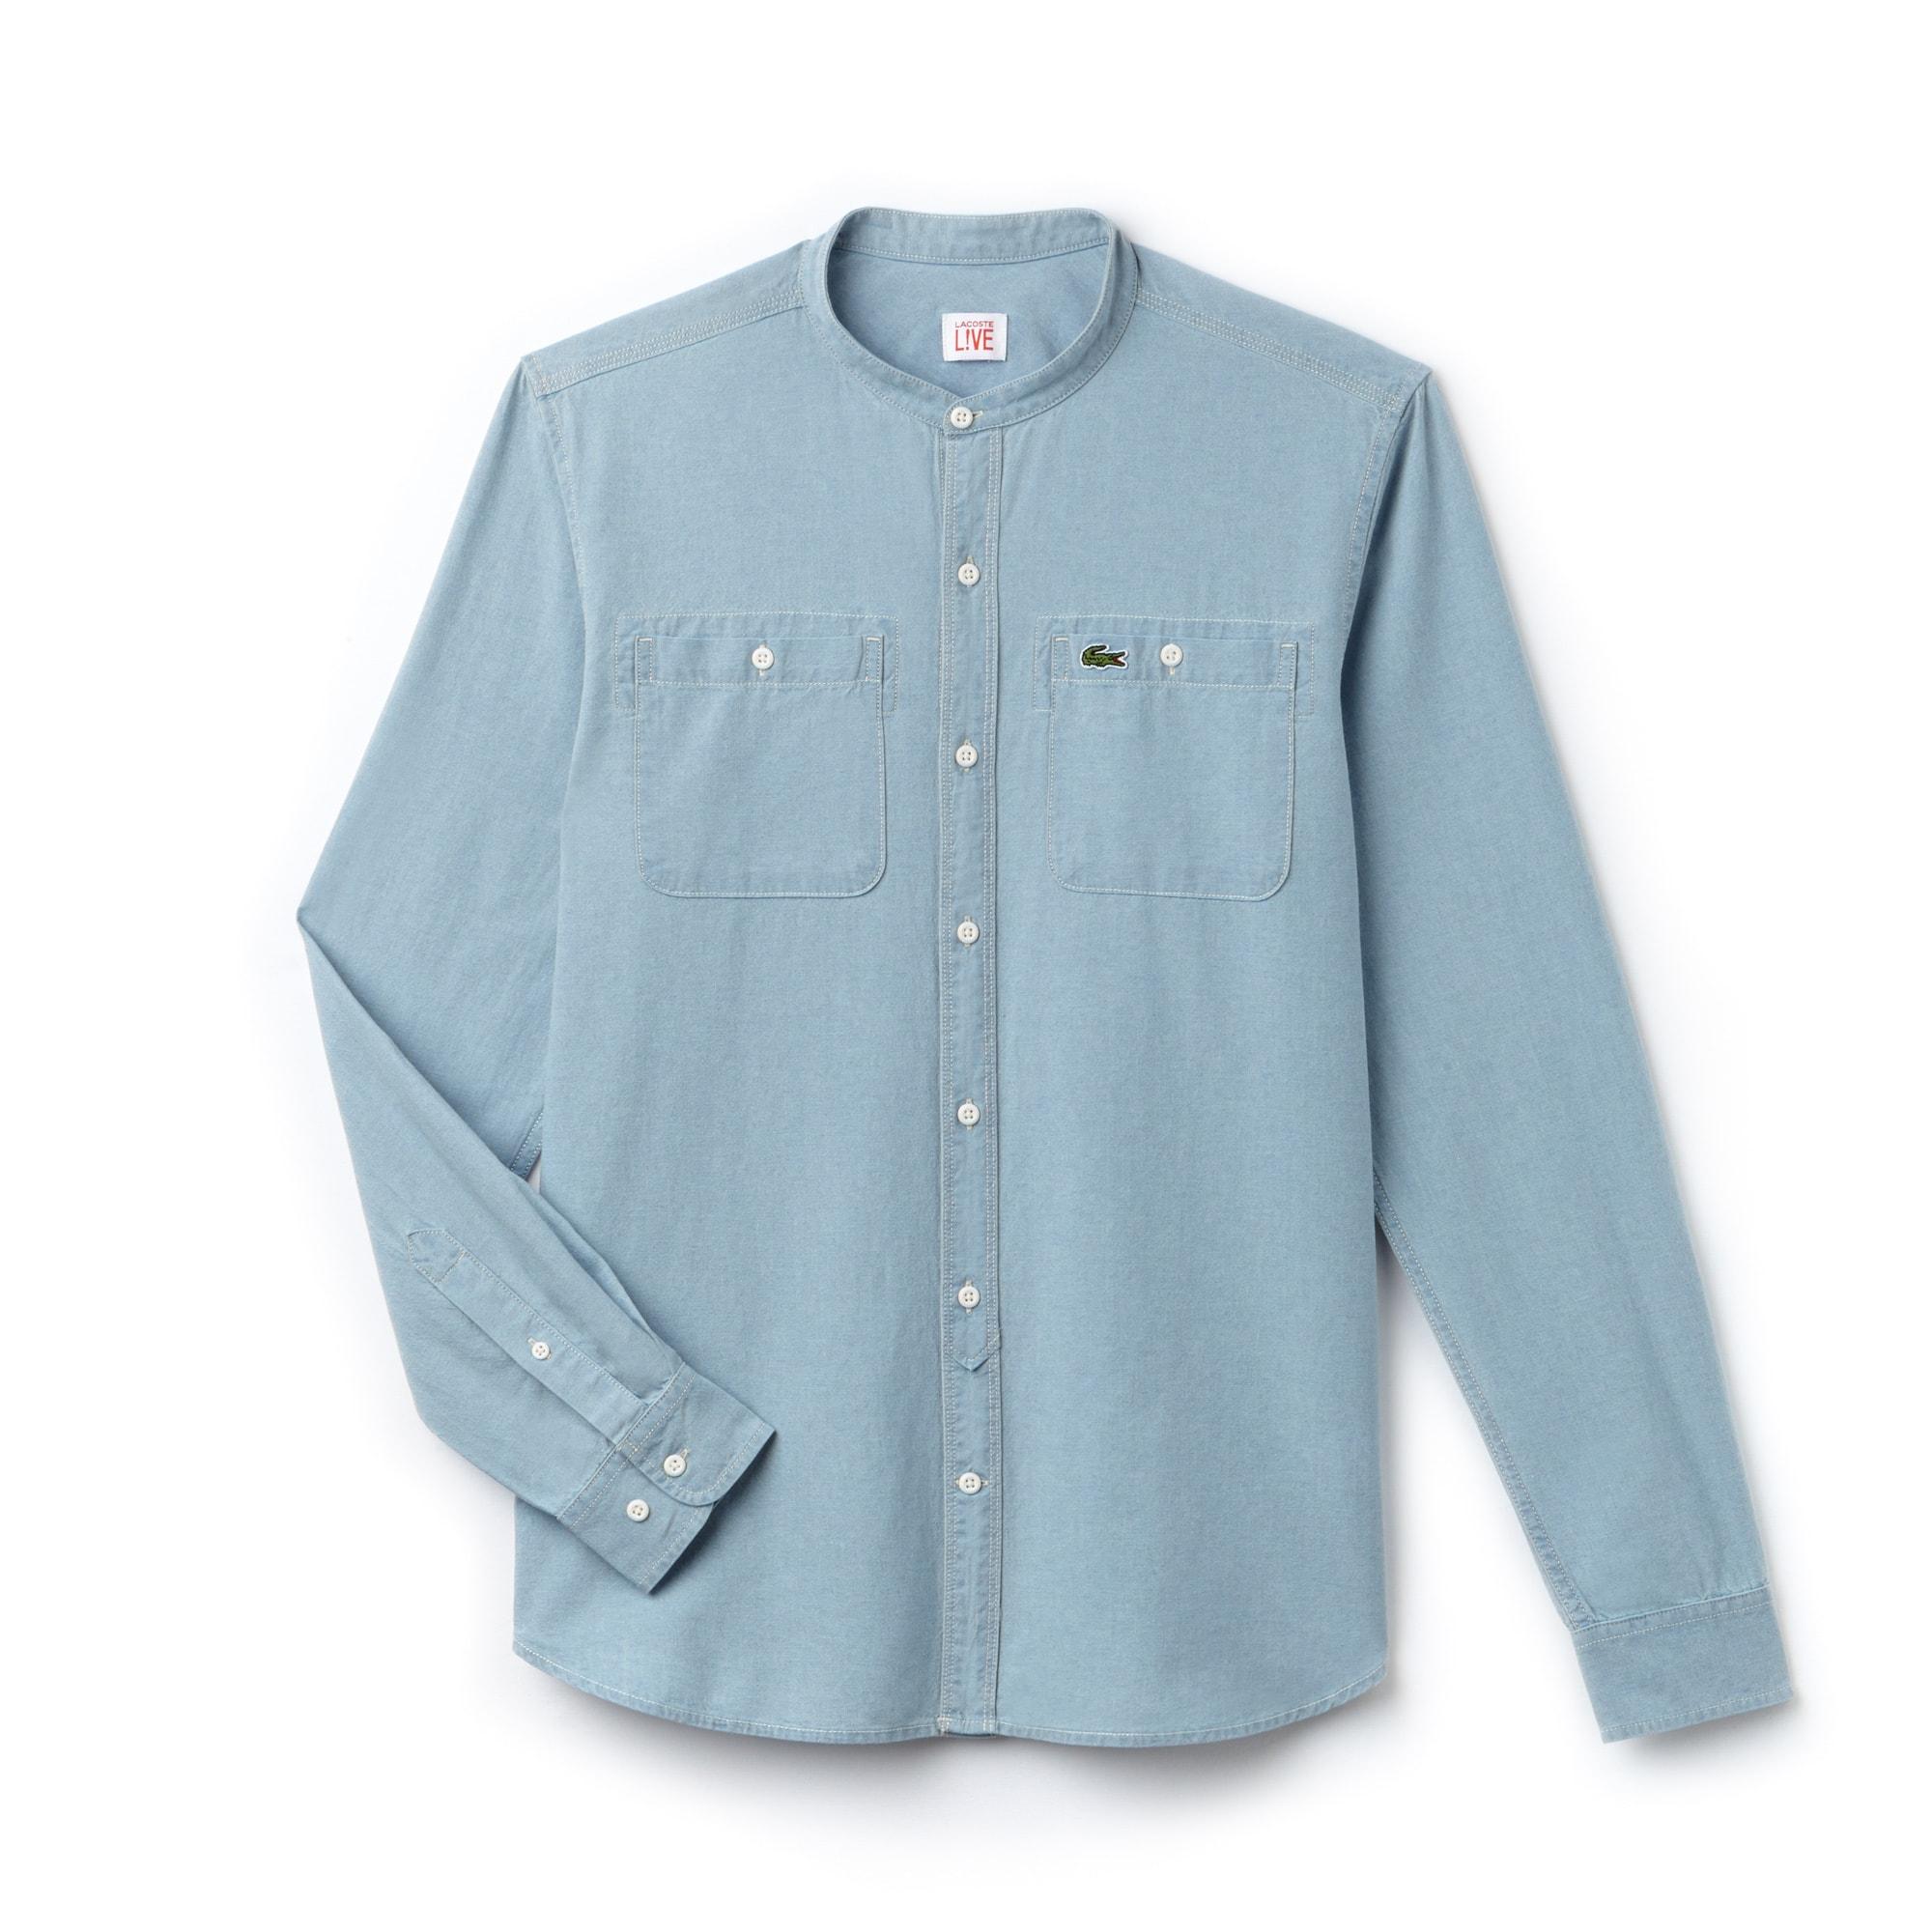 Lacoste LIVE-shirt heren Skinny fit chambraykatoen met maokraag